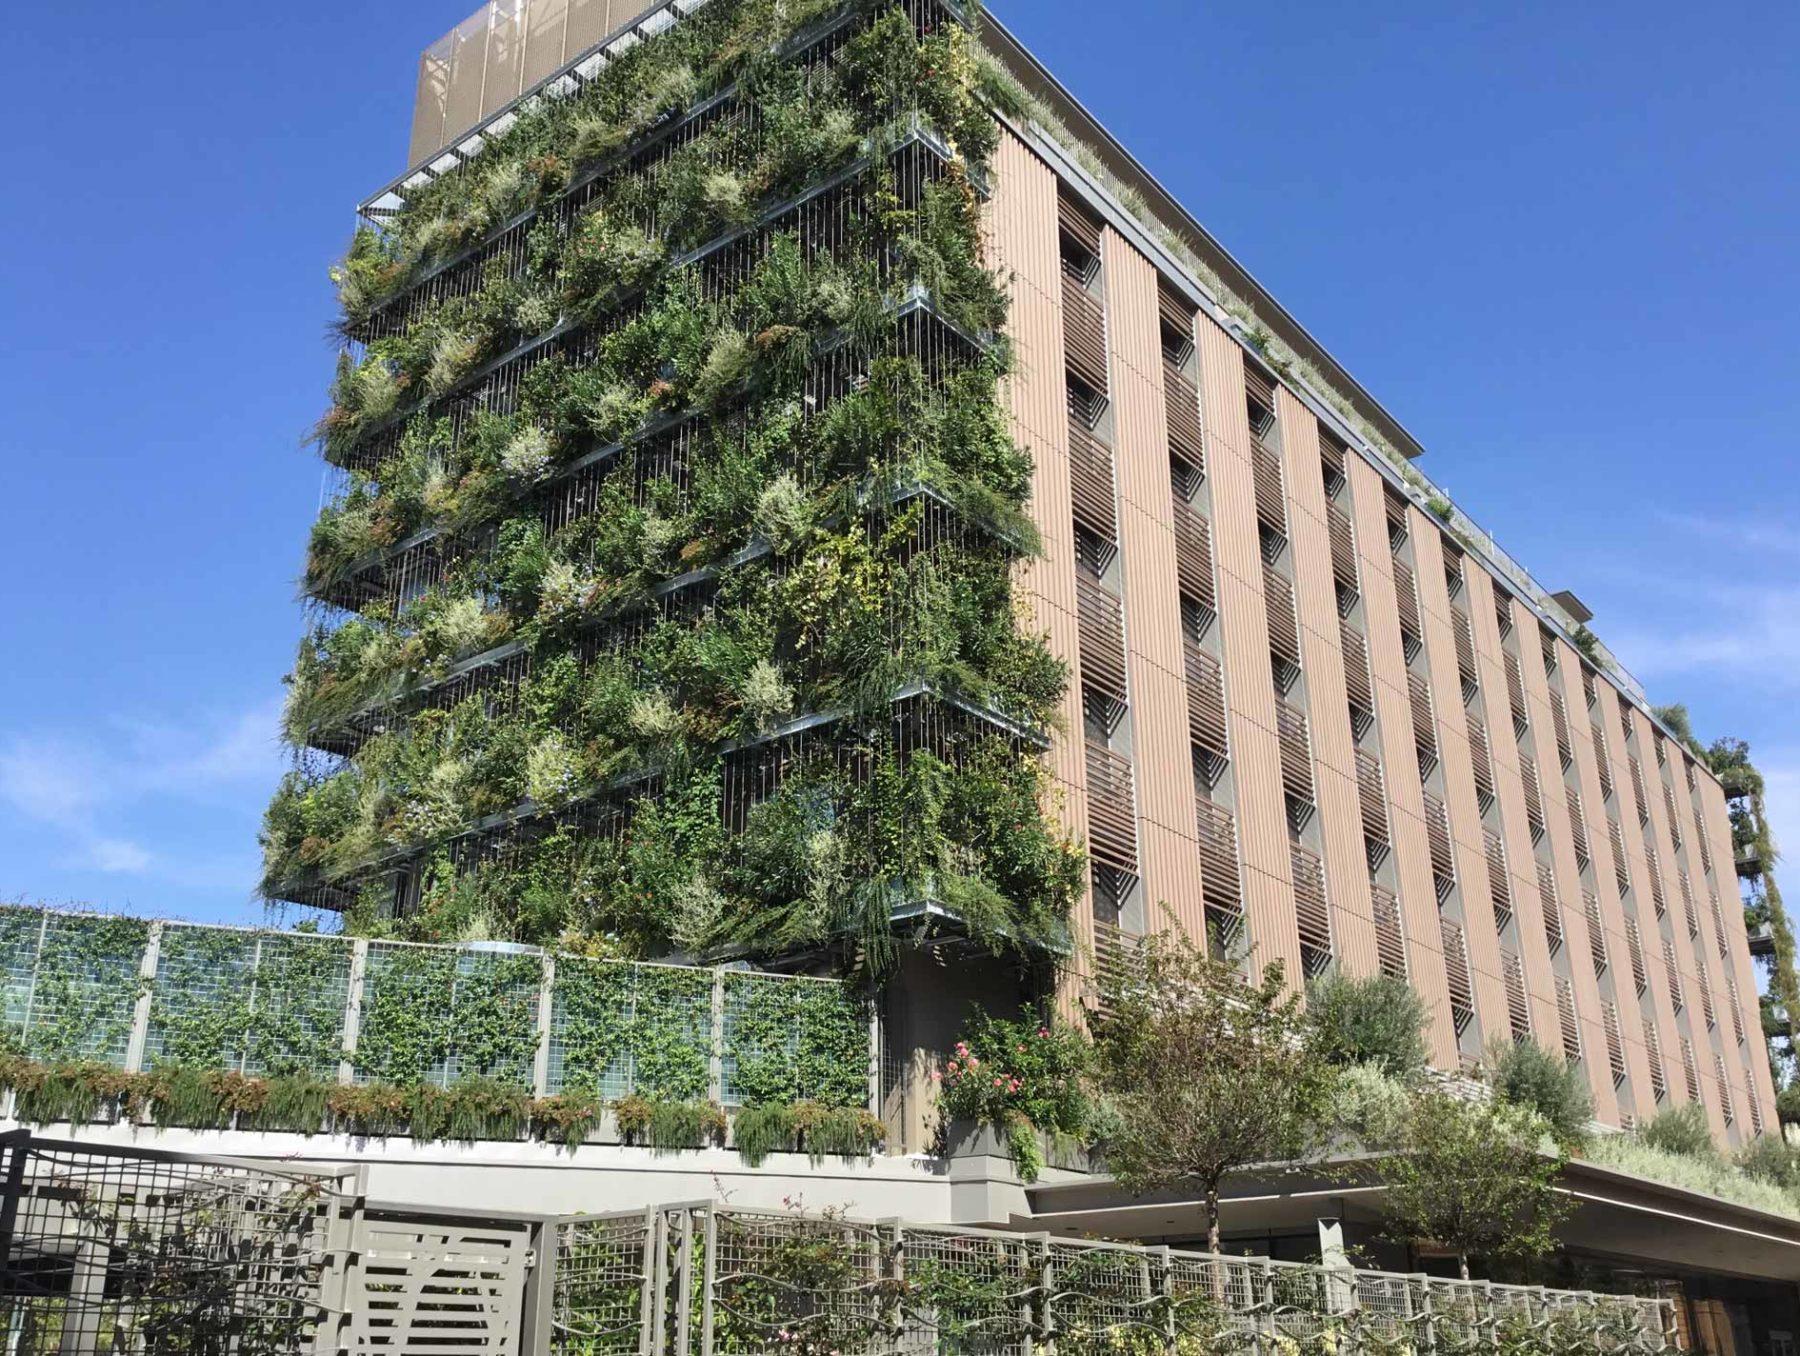 Brise soleil facciata hotel Milano